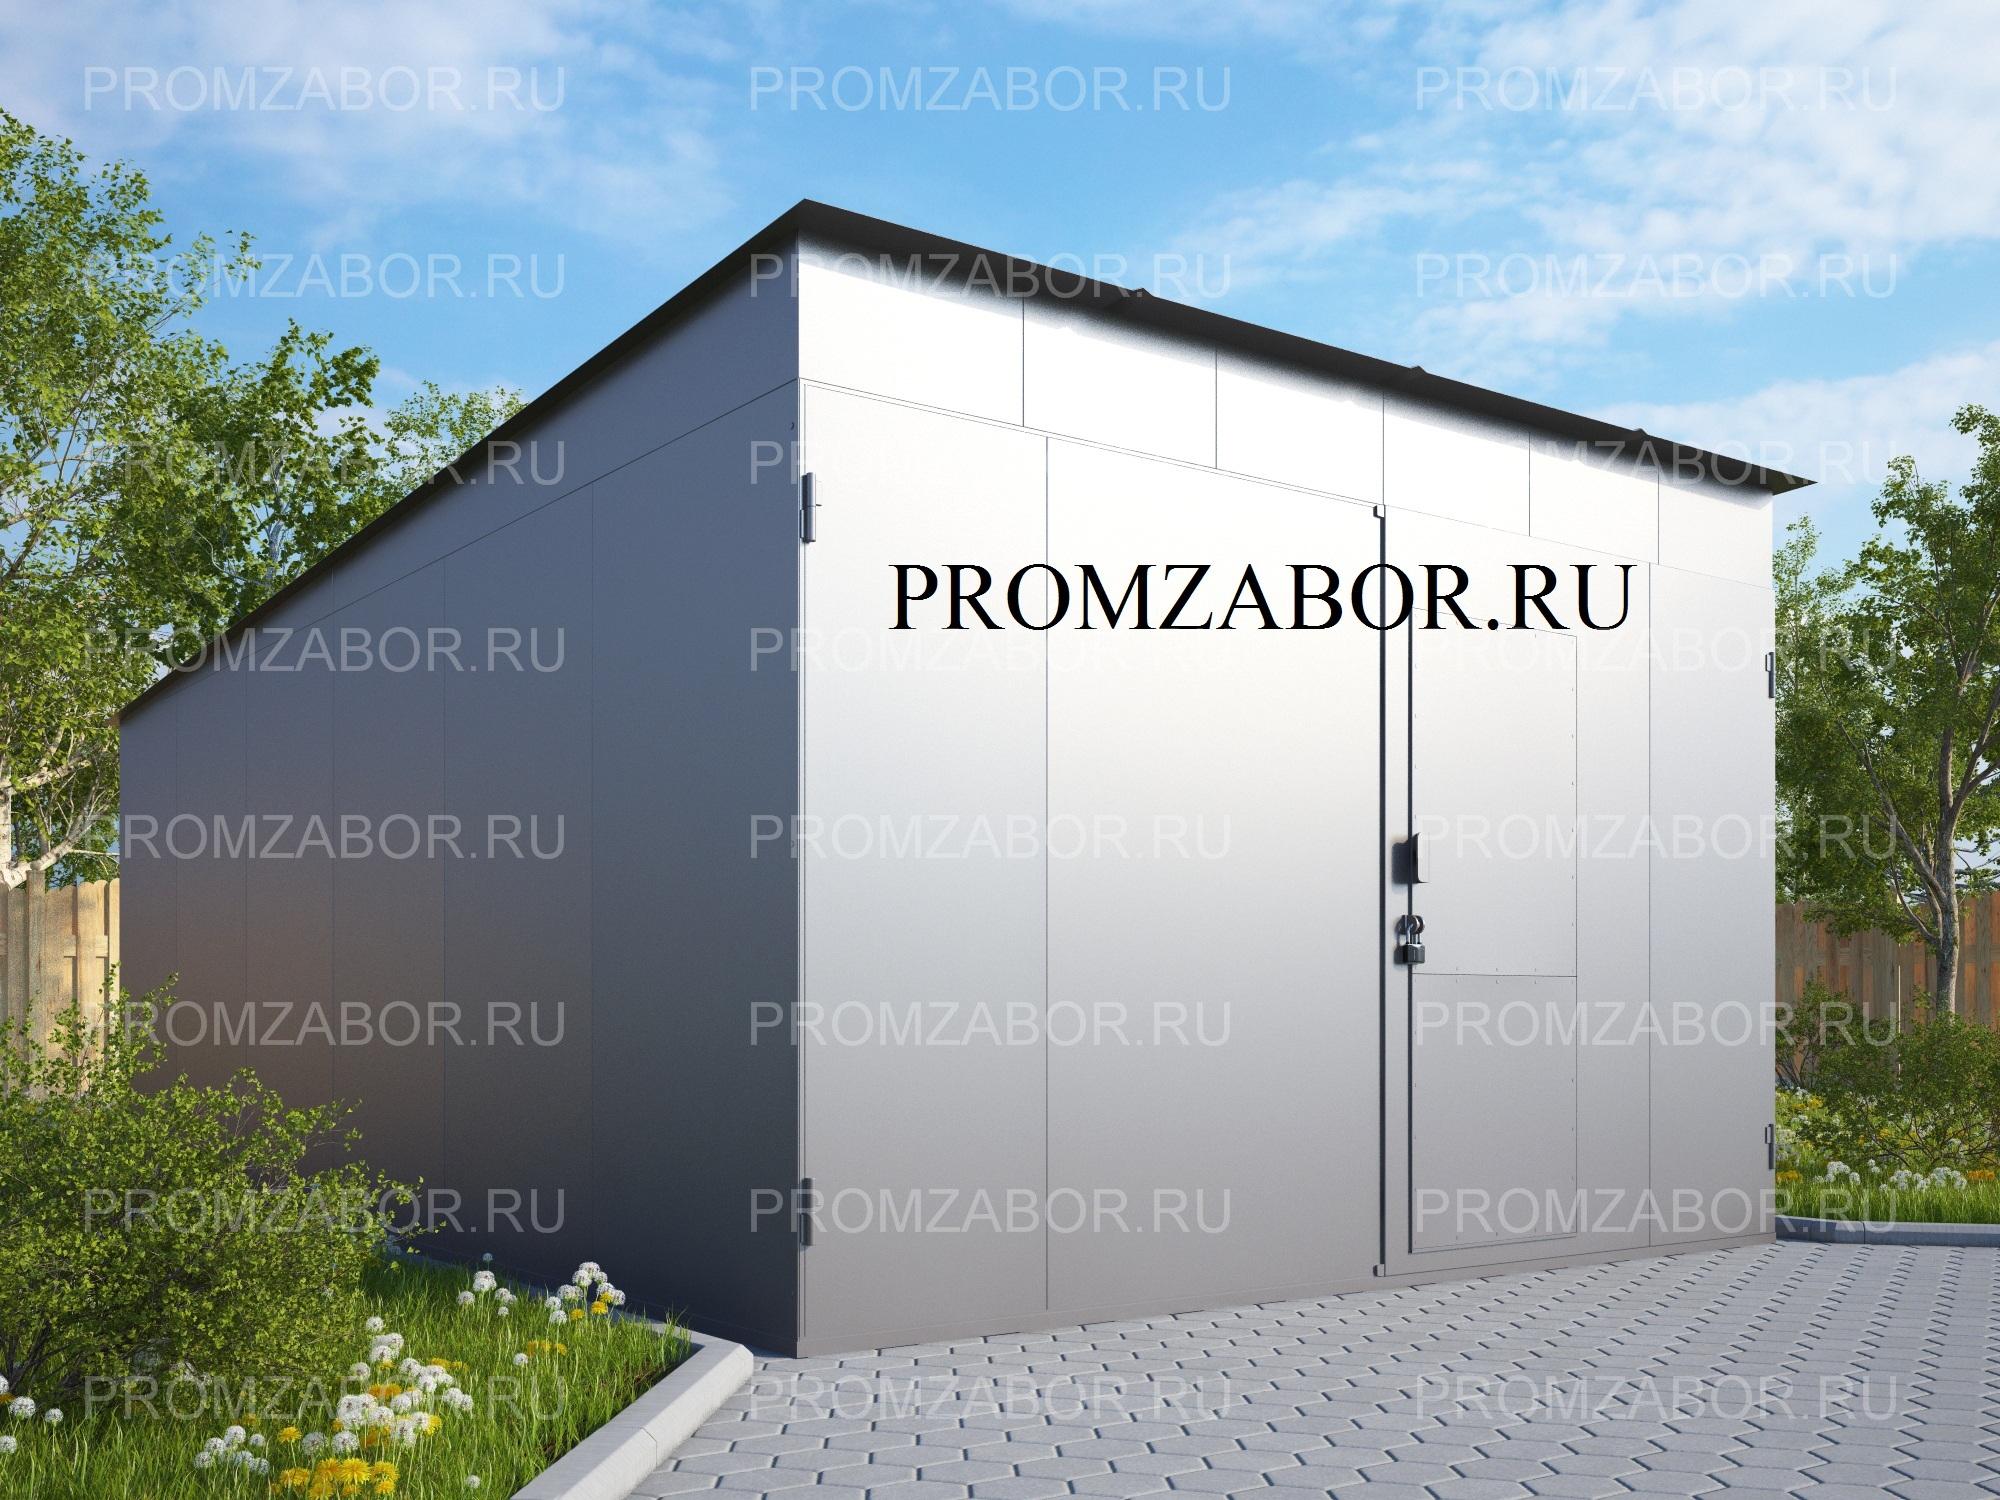 Купить гараж разборный во владивостоке